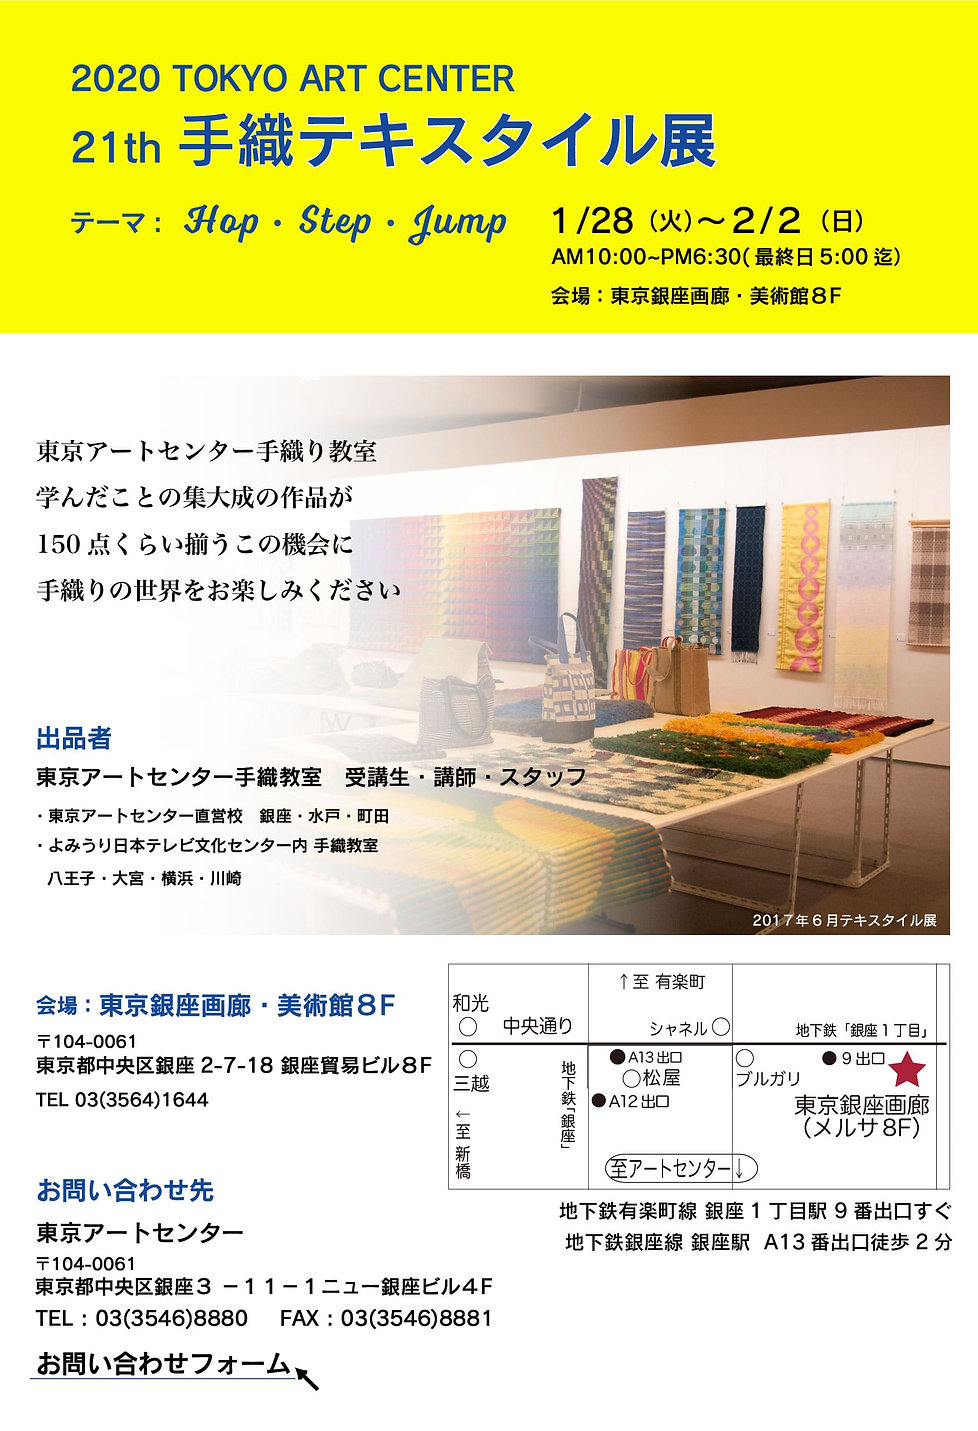 テキスタイル展-02-min.jpg